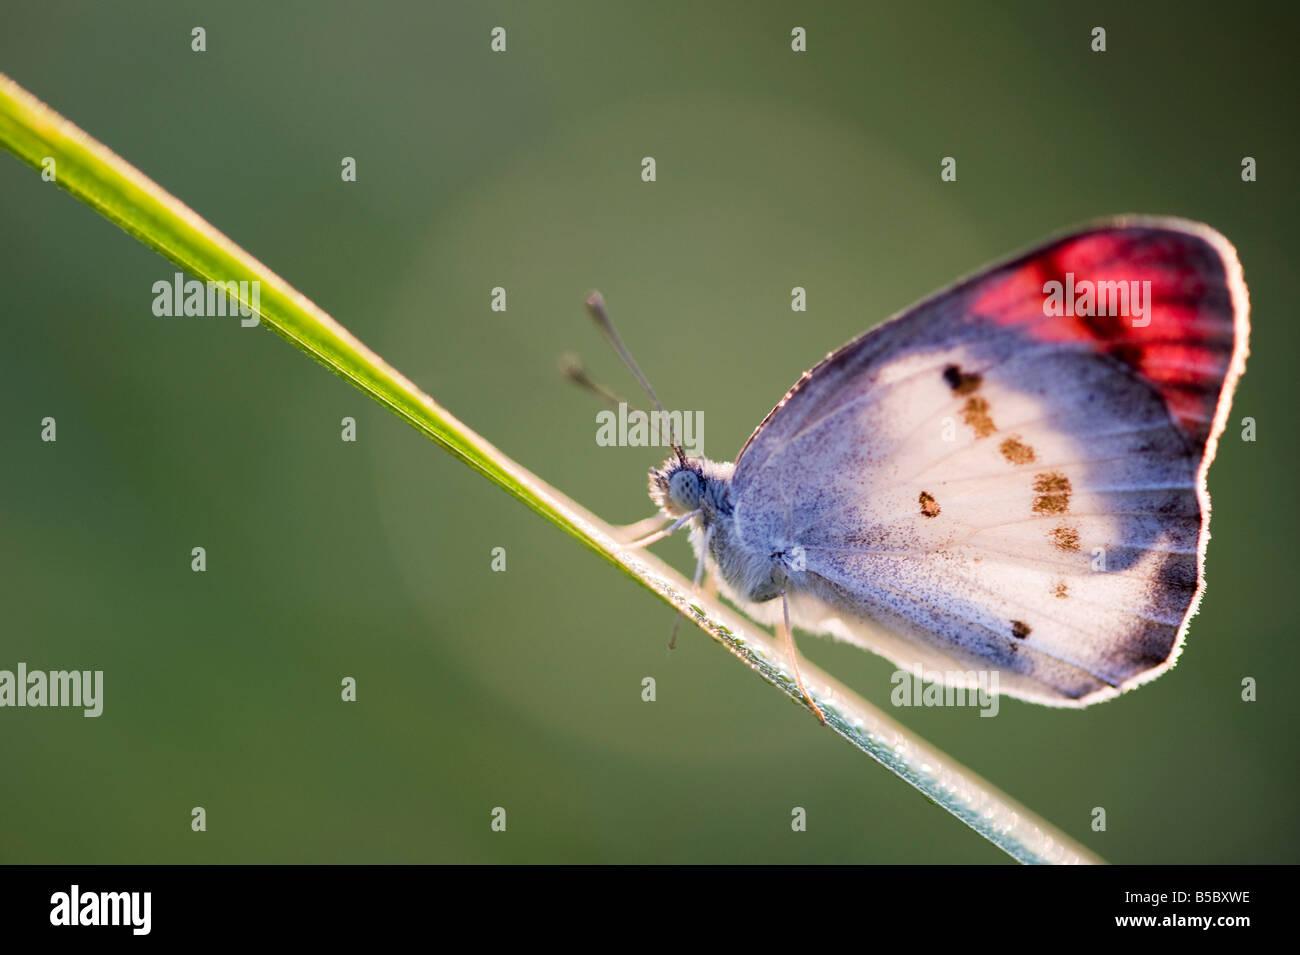 Colotis Danae. Astuce Crimson Butterfly se réchauffer sur une tige d'herbe dans la campagne indienne. L'Inde Photo Stock